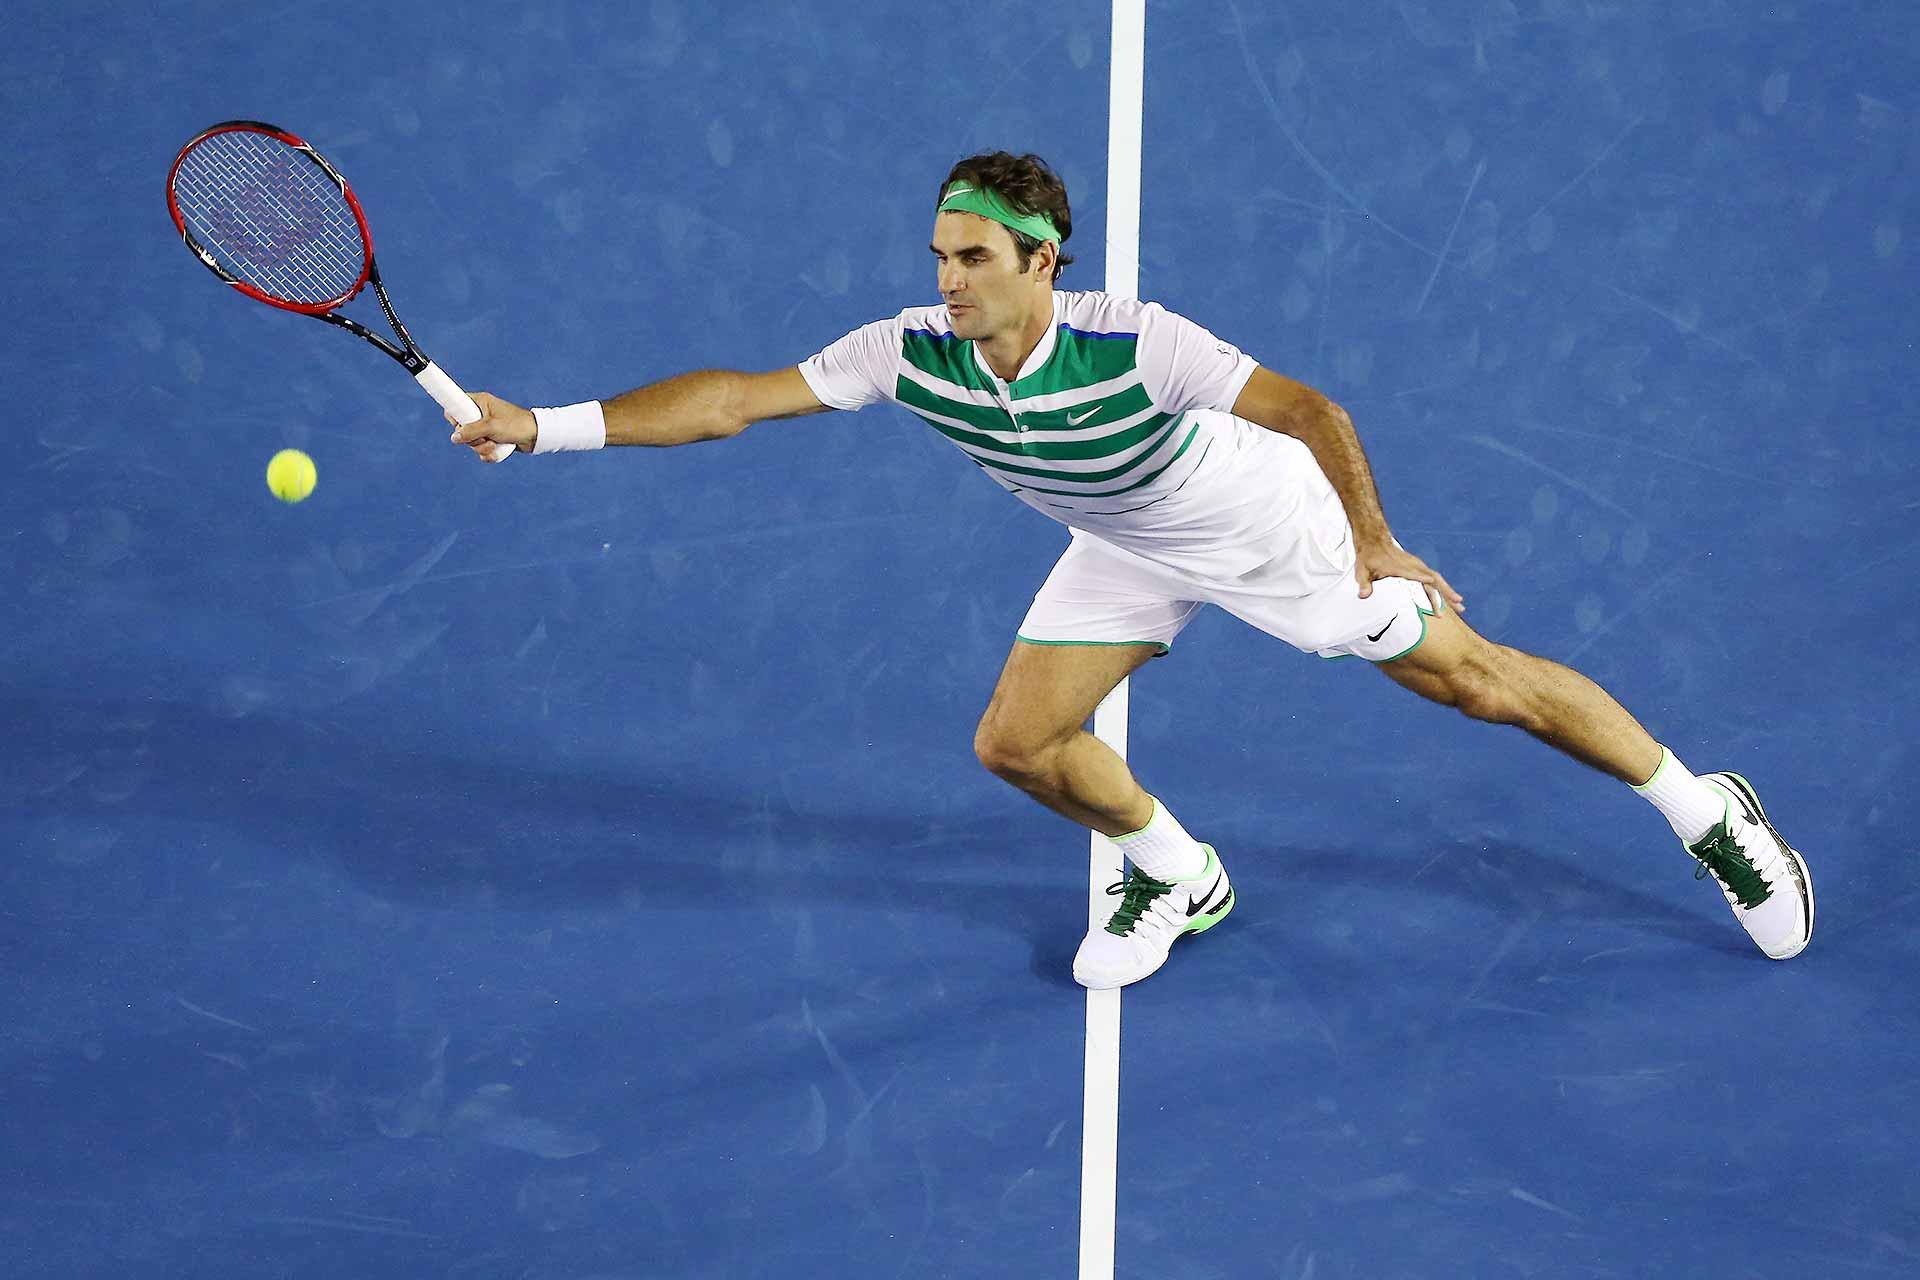 """¿Existe el """"cuerpo ideal"""" para llegar a número 1 del tenis?"""